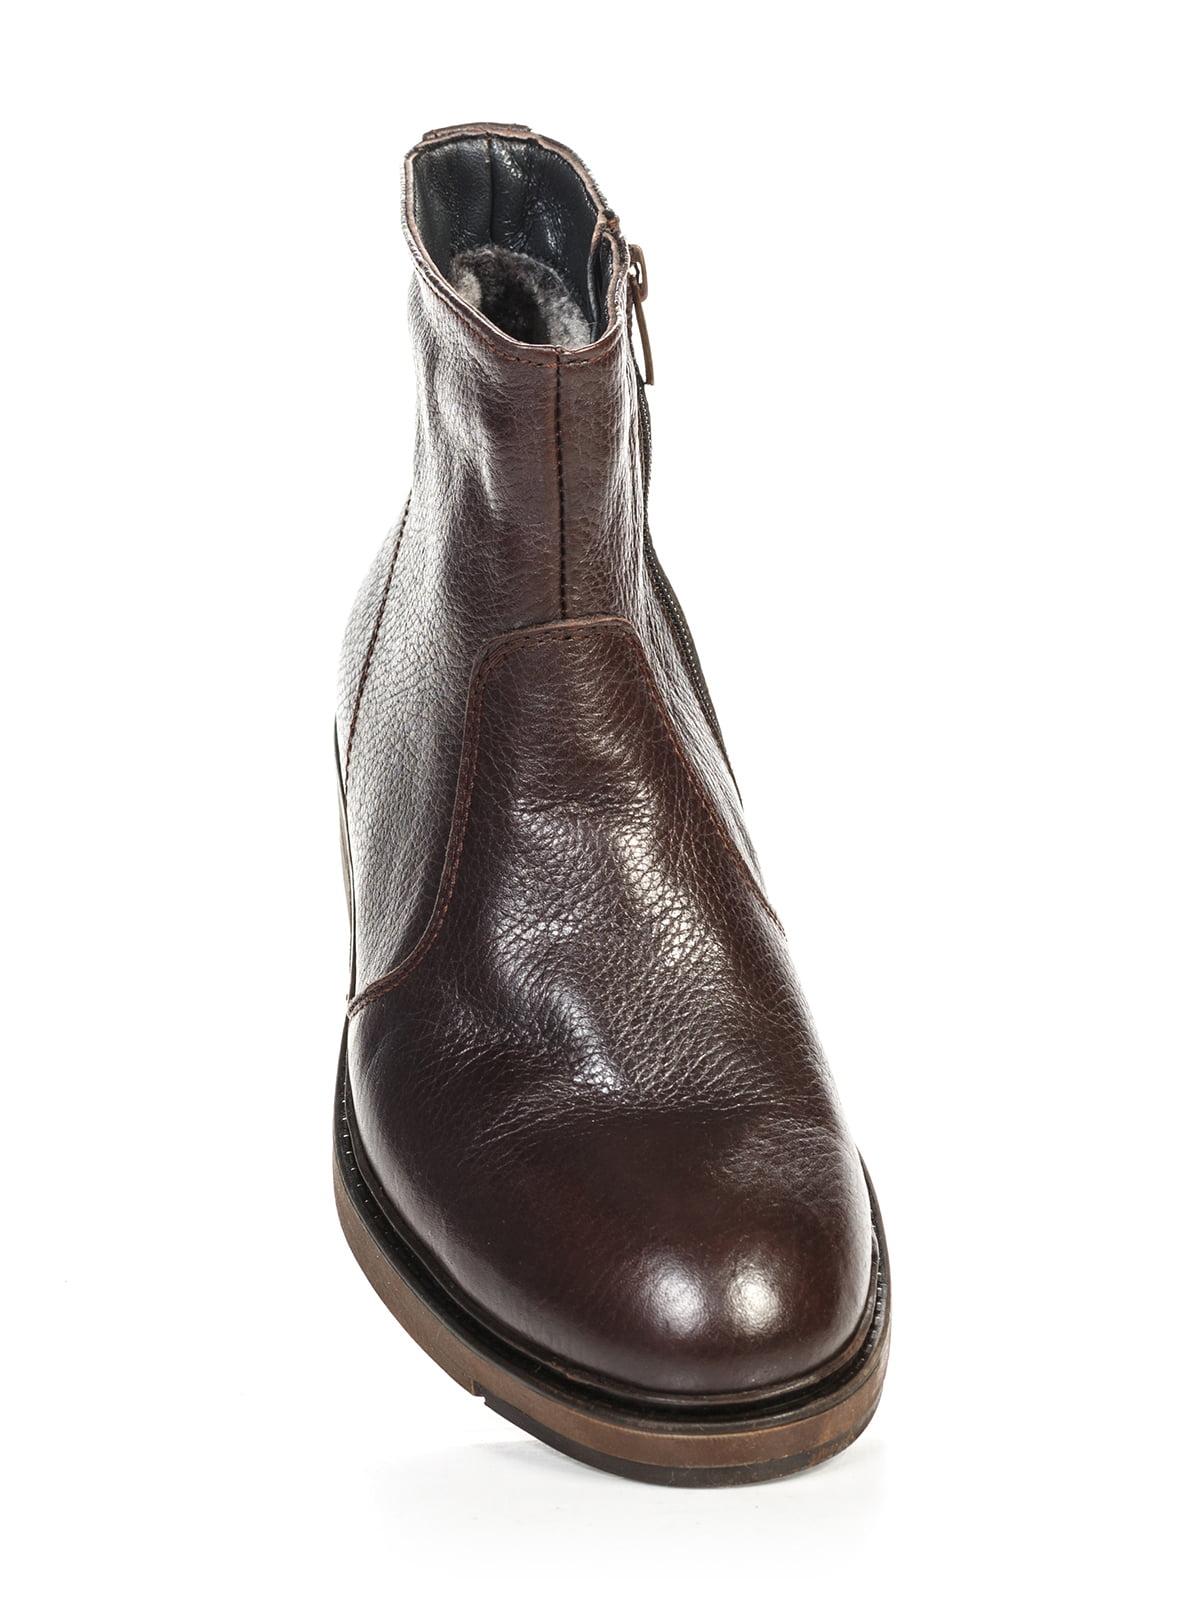 Ботинки коричневые | 4809486 | фото 6